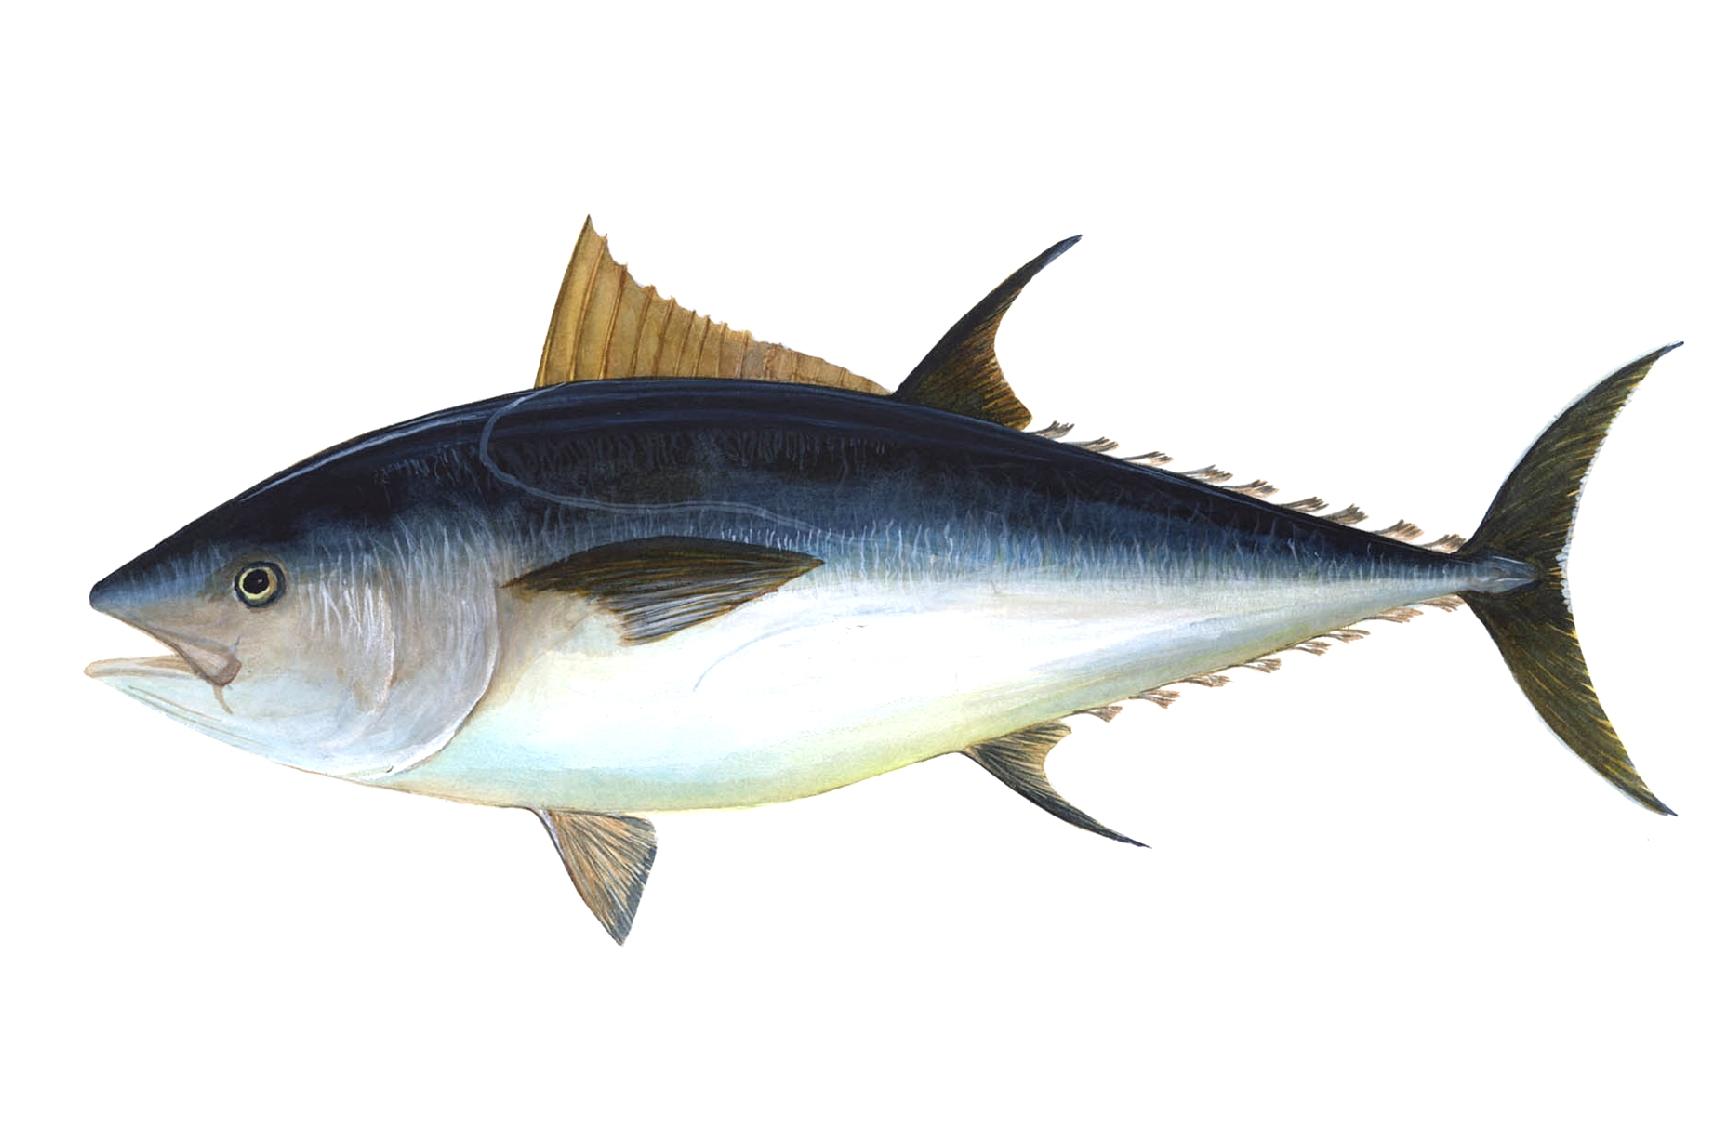 A fish.